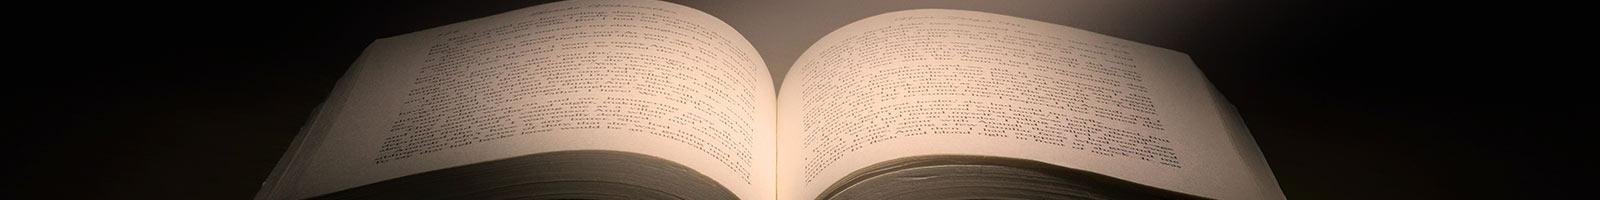 glossary book